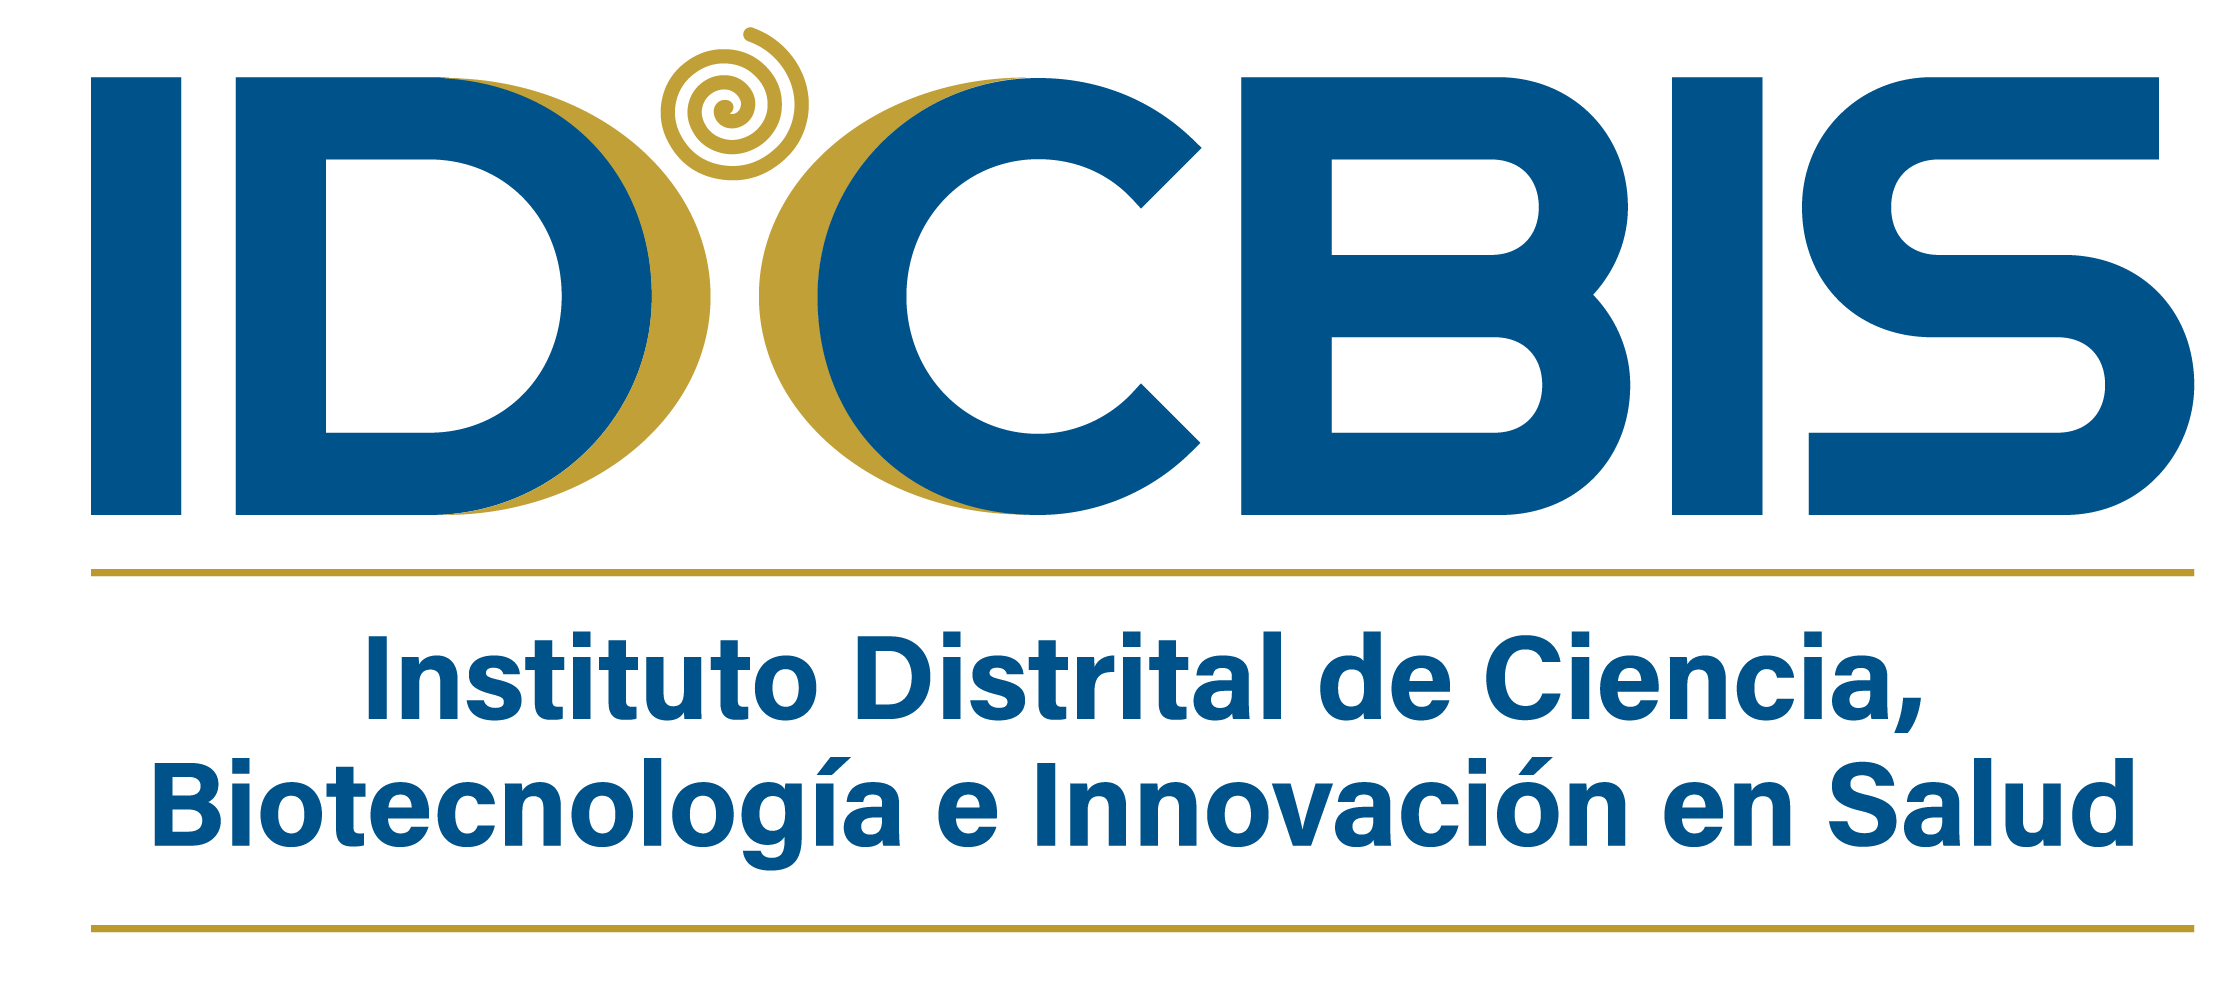 instituto-distrital-de-ciencia-biotecnologia-e-innovacion-en-salud-idcbis